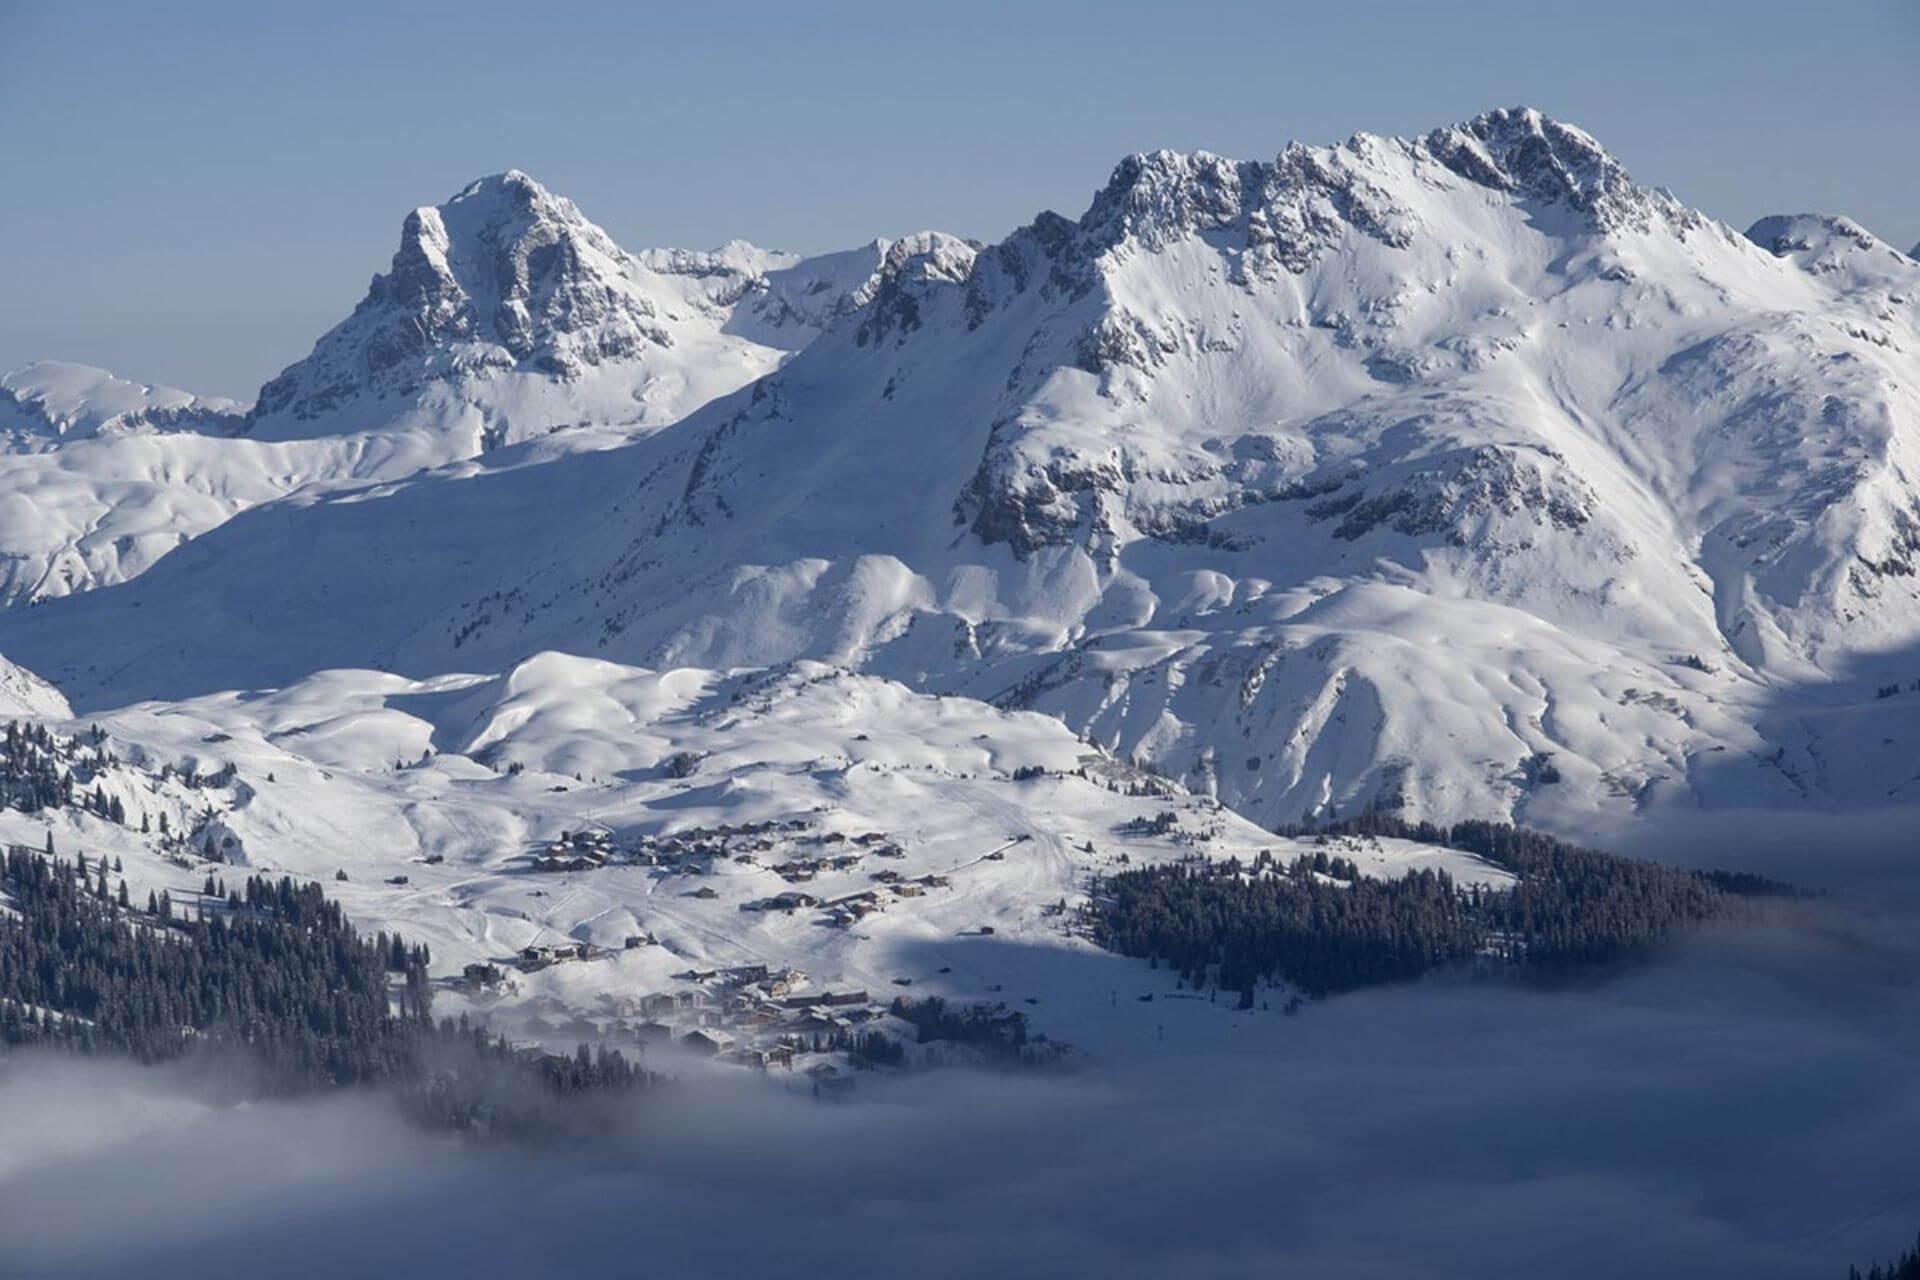 Najwyżej położone ośrodki w Alpach - Oberlech